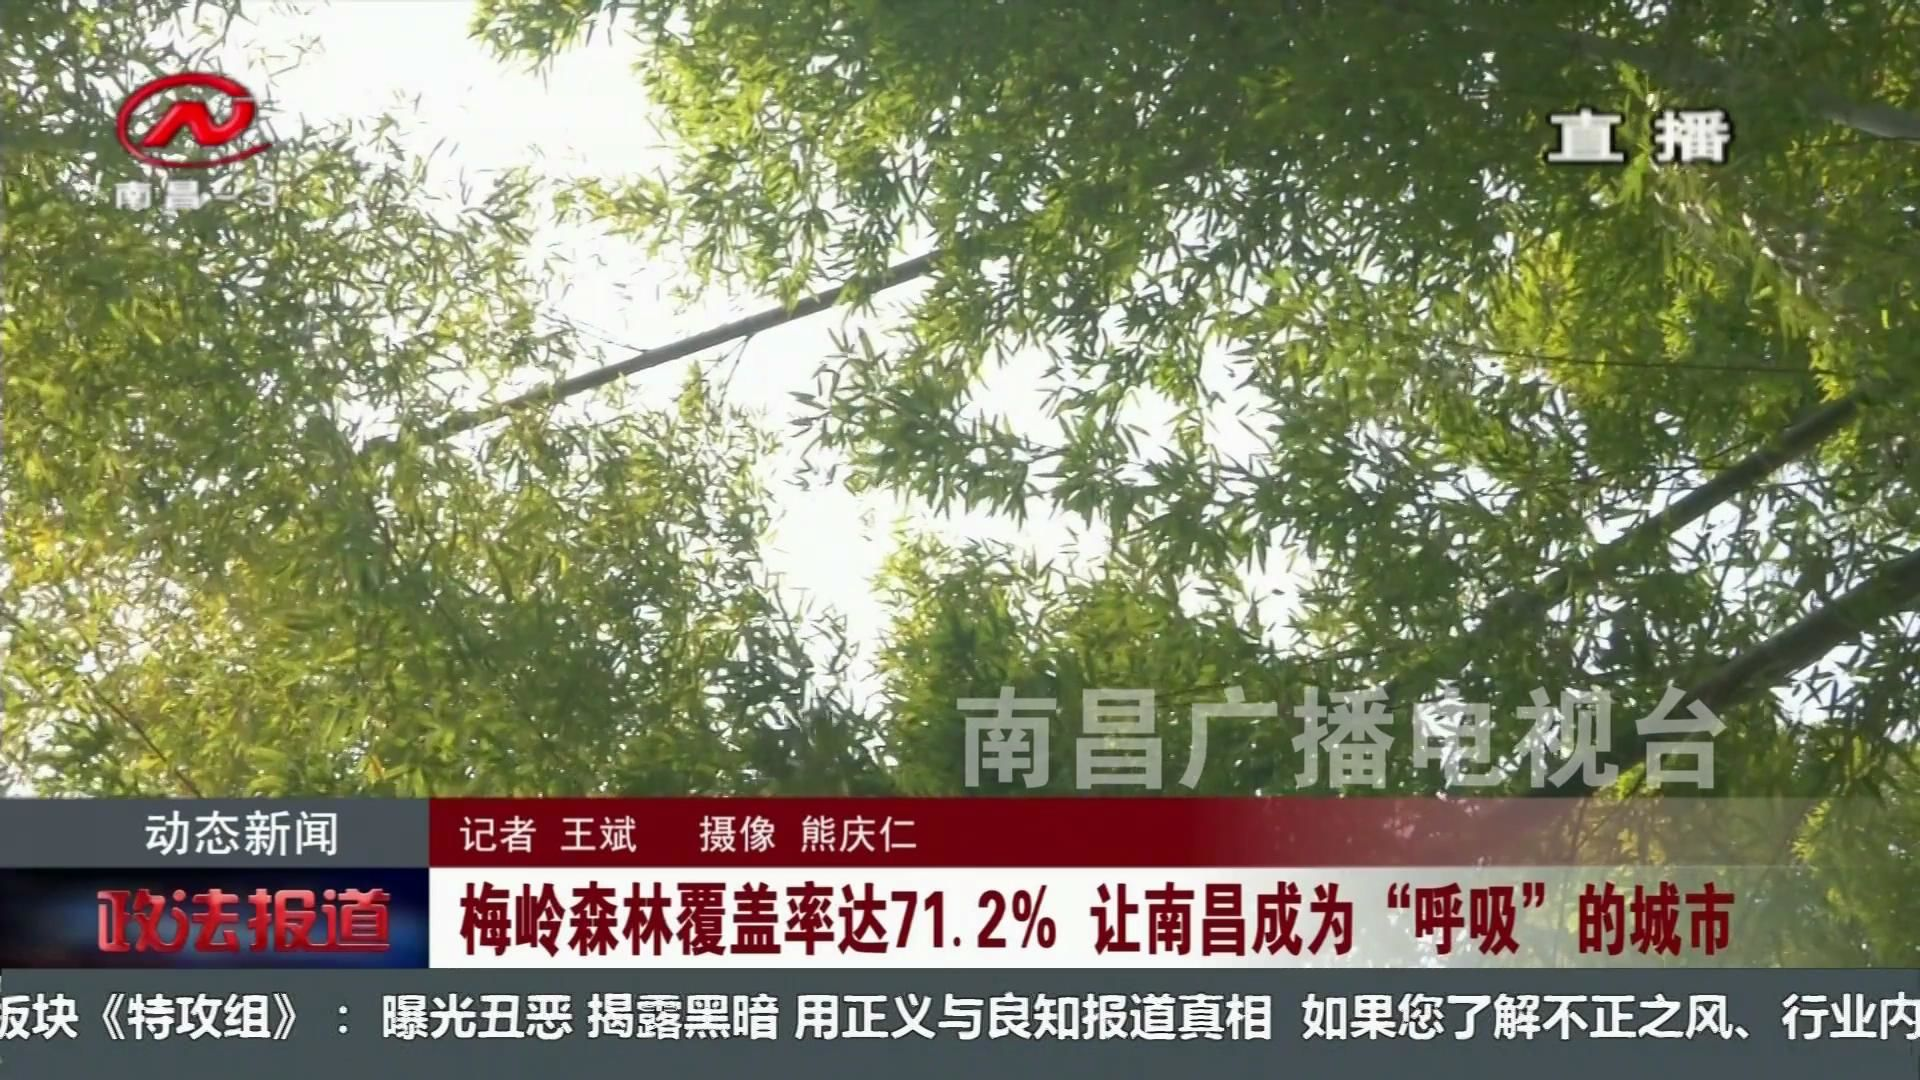 """梅岭森林覆盖率达71.2% 让南昌常成为""""呼吸""""的城市"""